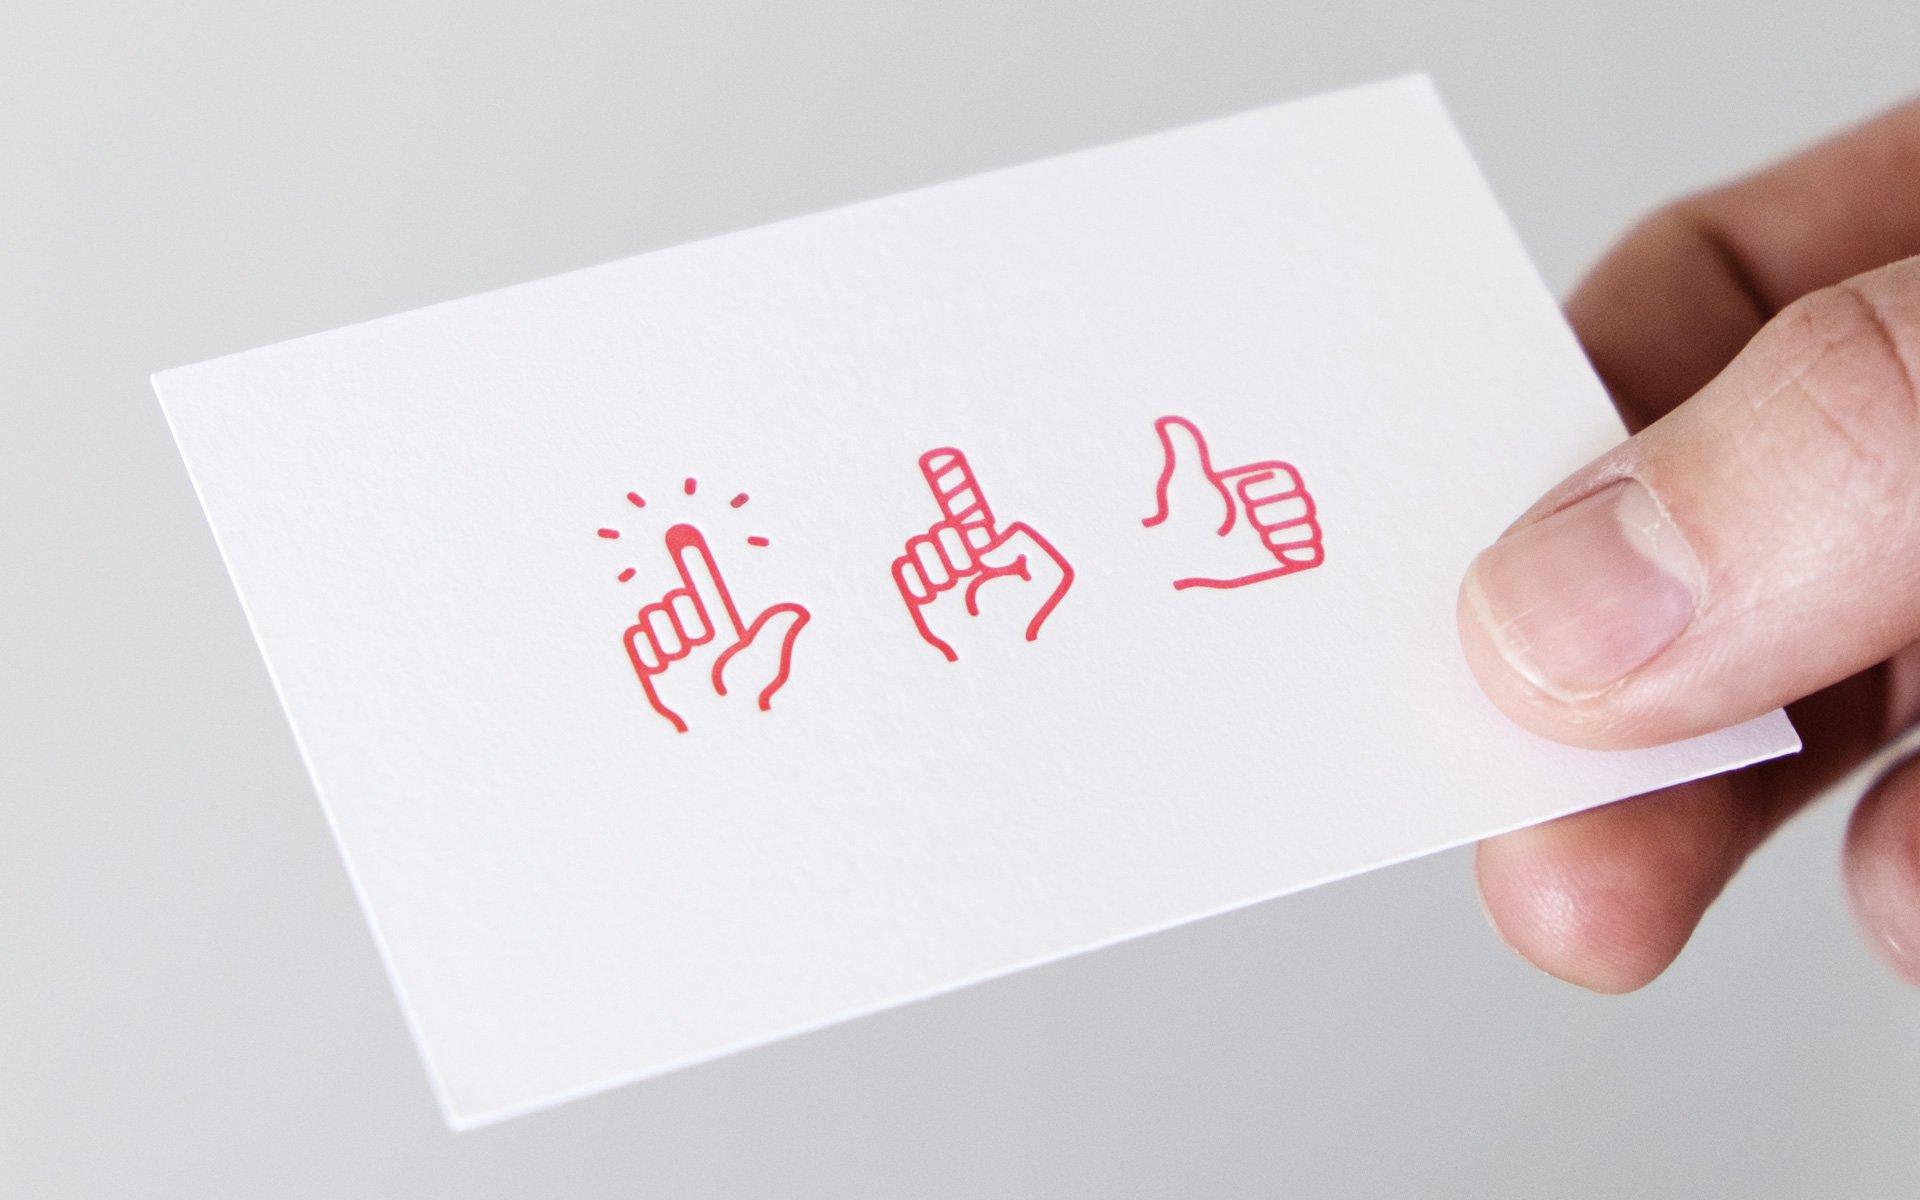 Praxis Dr. Neukirch Visitenkarte mit Logo im Letterpress-Druckverfahren gedruckt